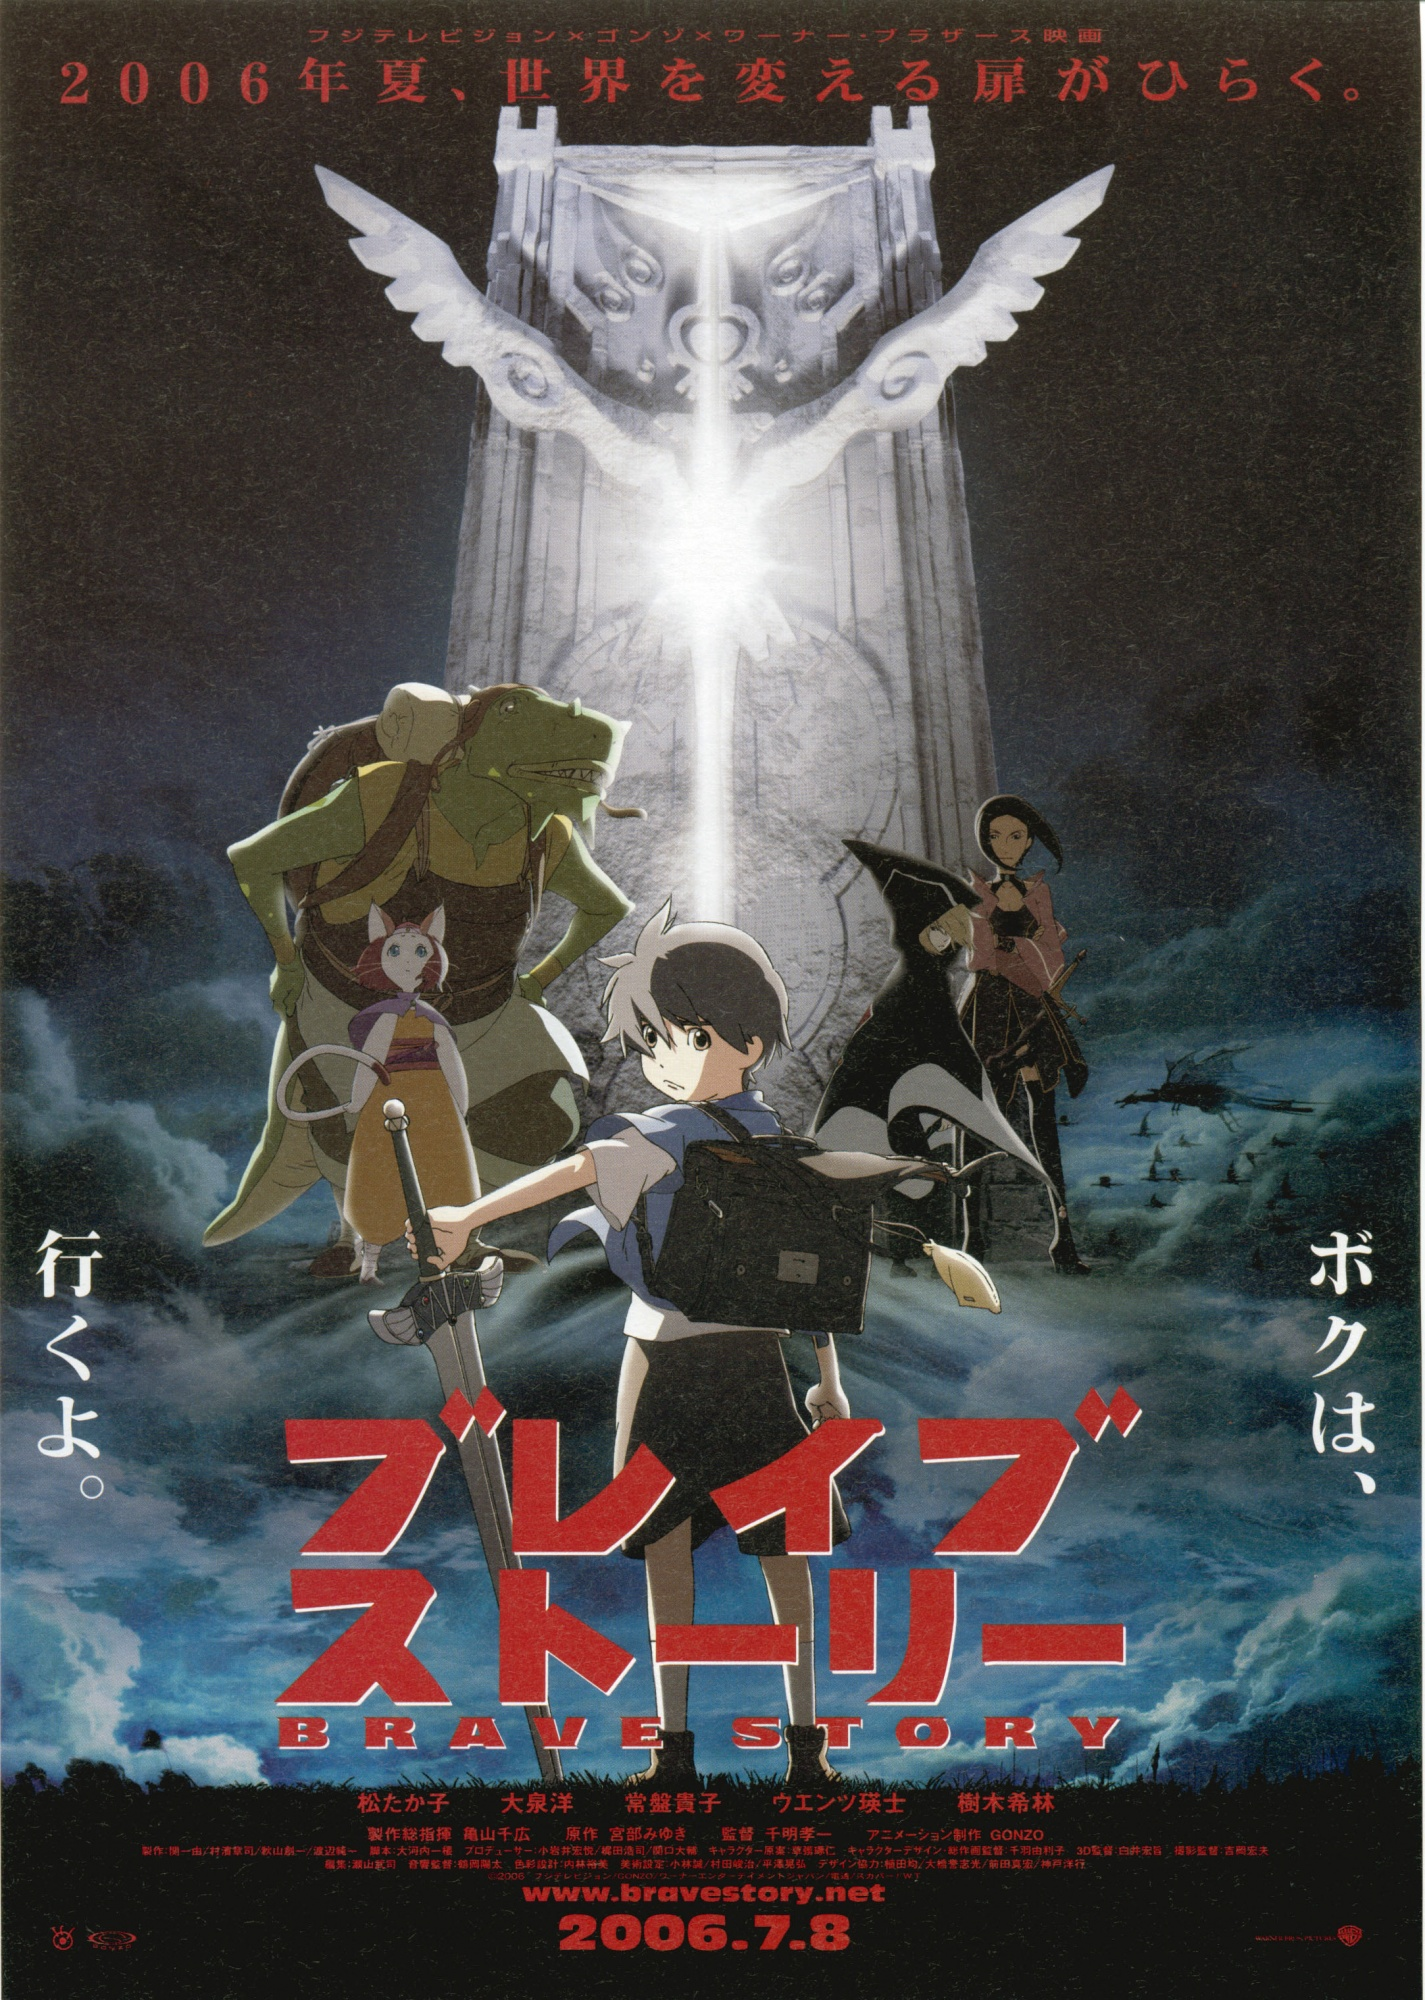 Brave Story Anime